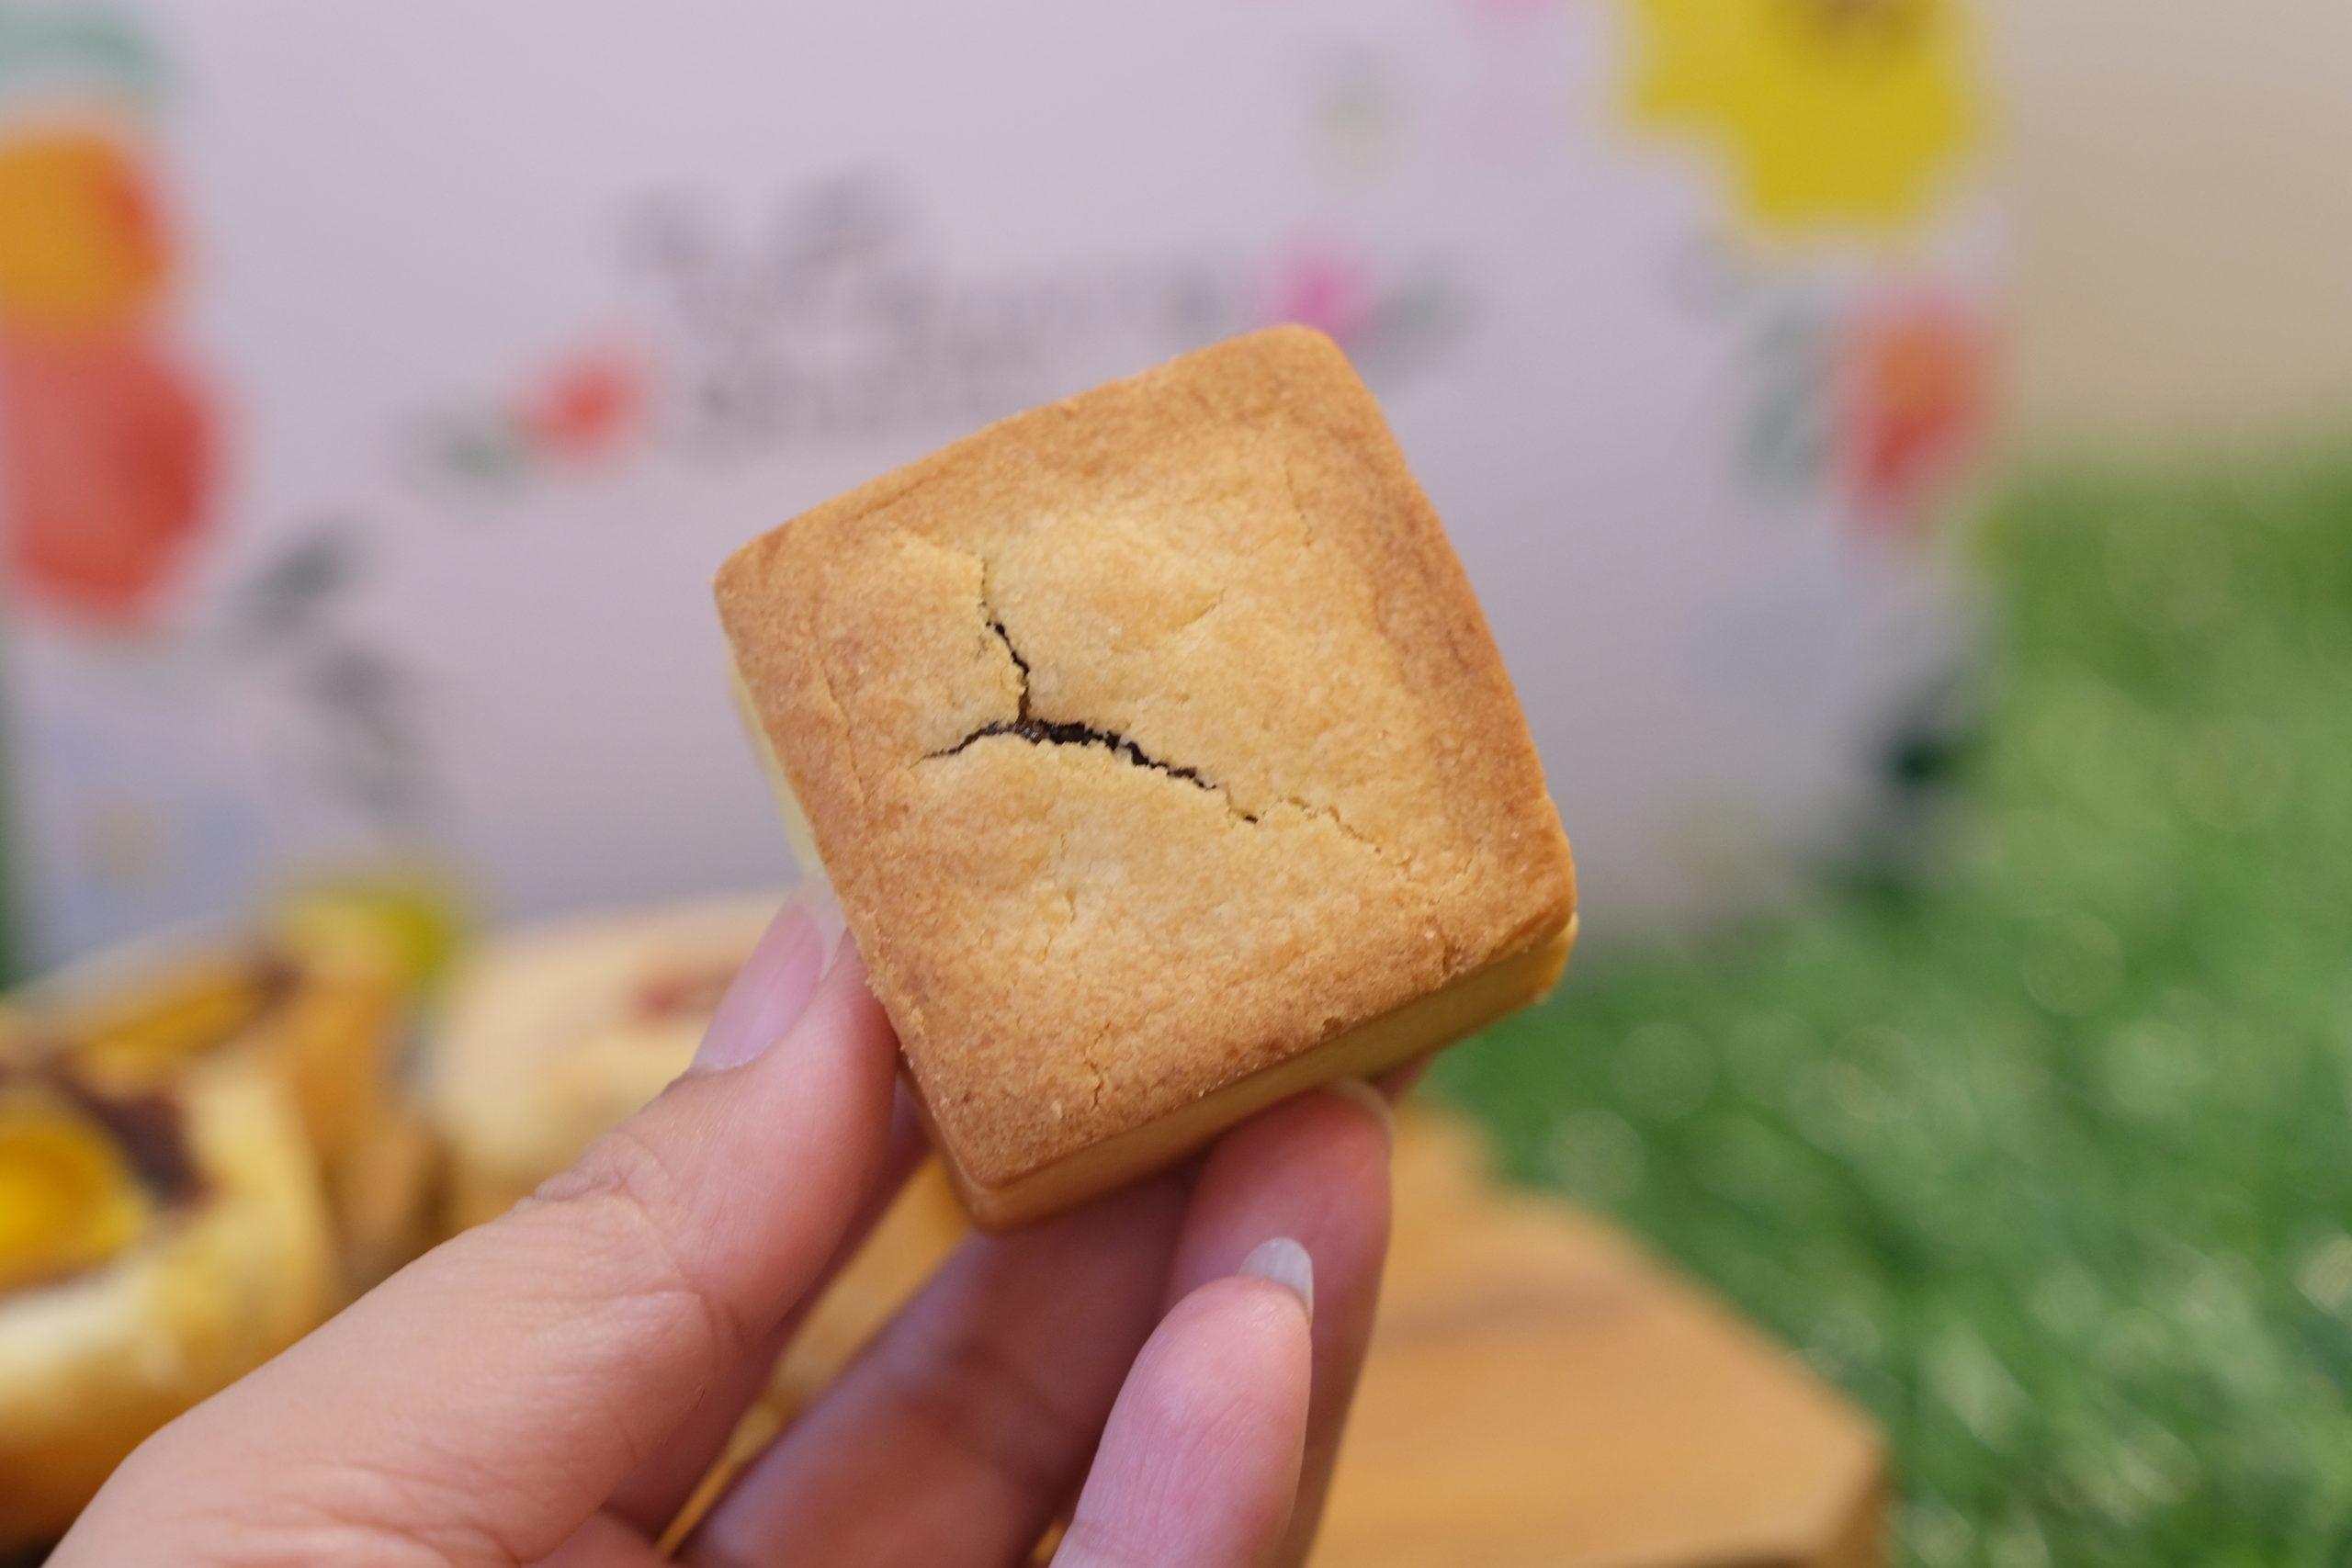 【台中西區】易達蛋黃酥:網路上資料少之又少,低調又美味的蛋黃酥餅店 @飛天璇的口袋